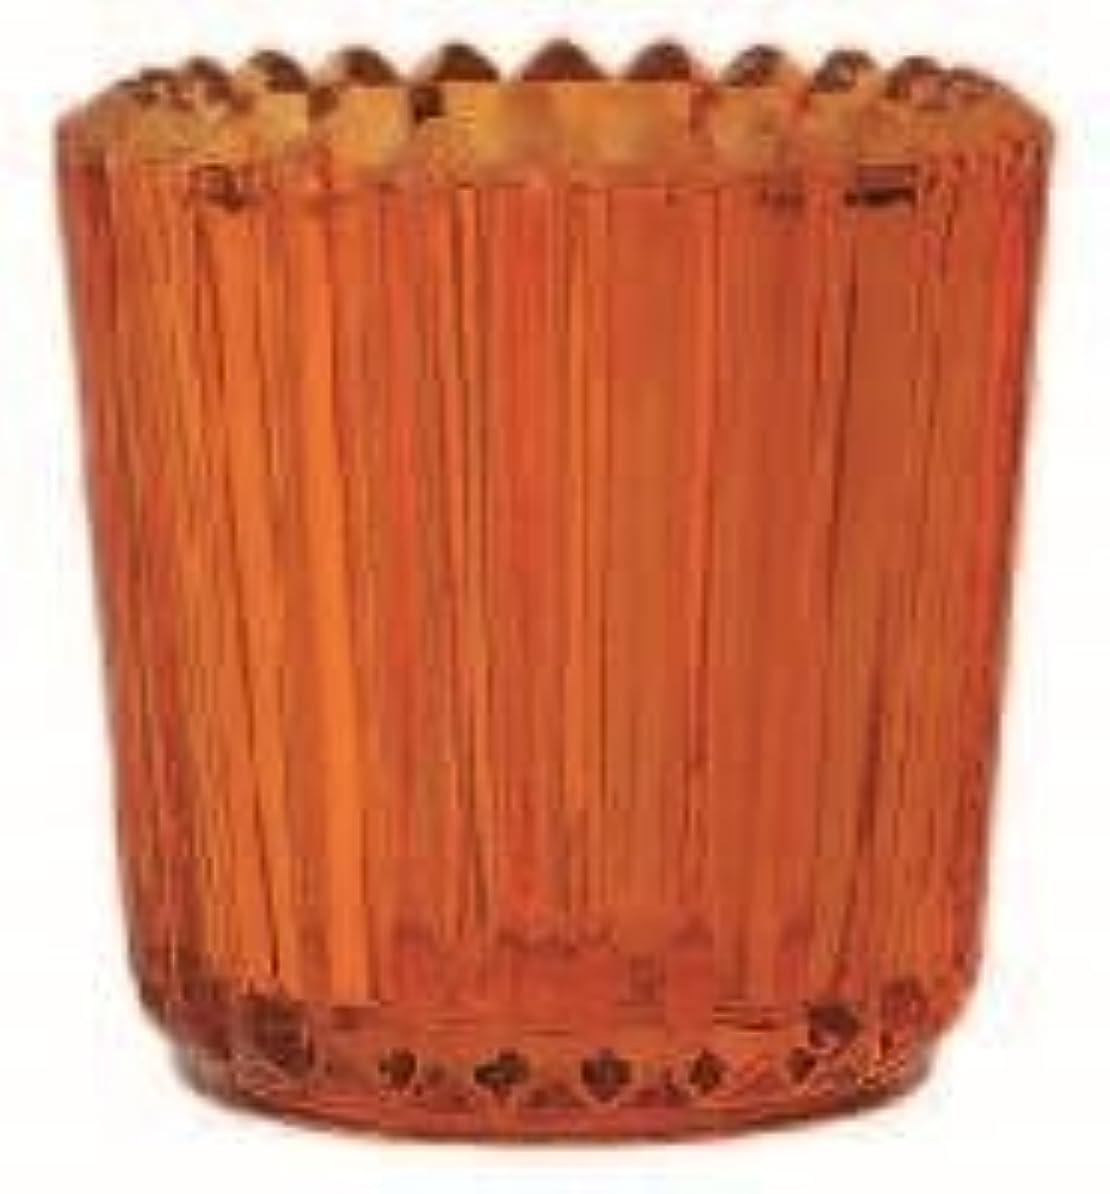 サイズ句読点ぬれたkameyama candle(カメヤマキャンドル) ソレイユ 「 オレンジ 」(J5120000OR)